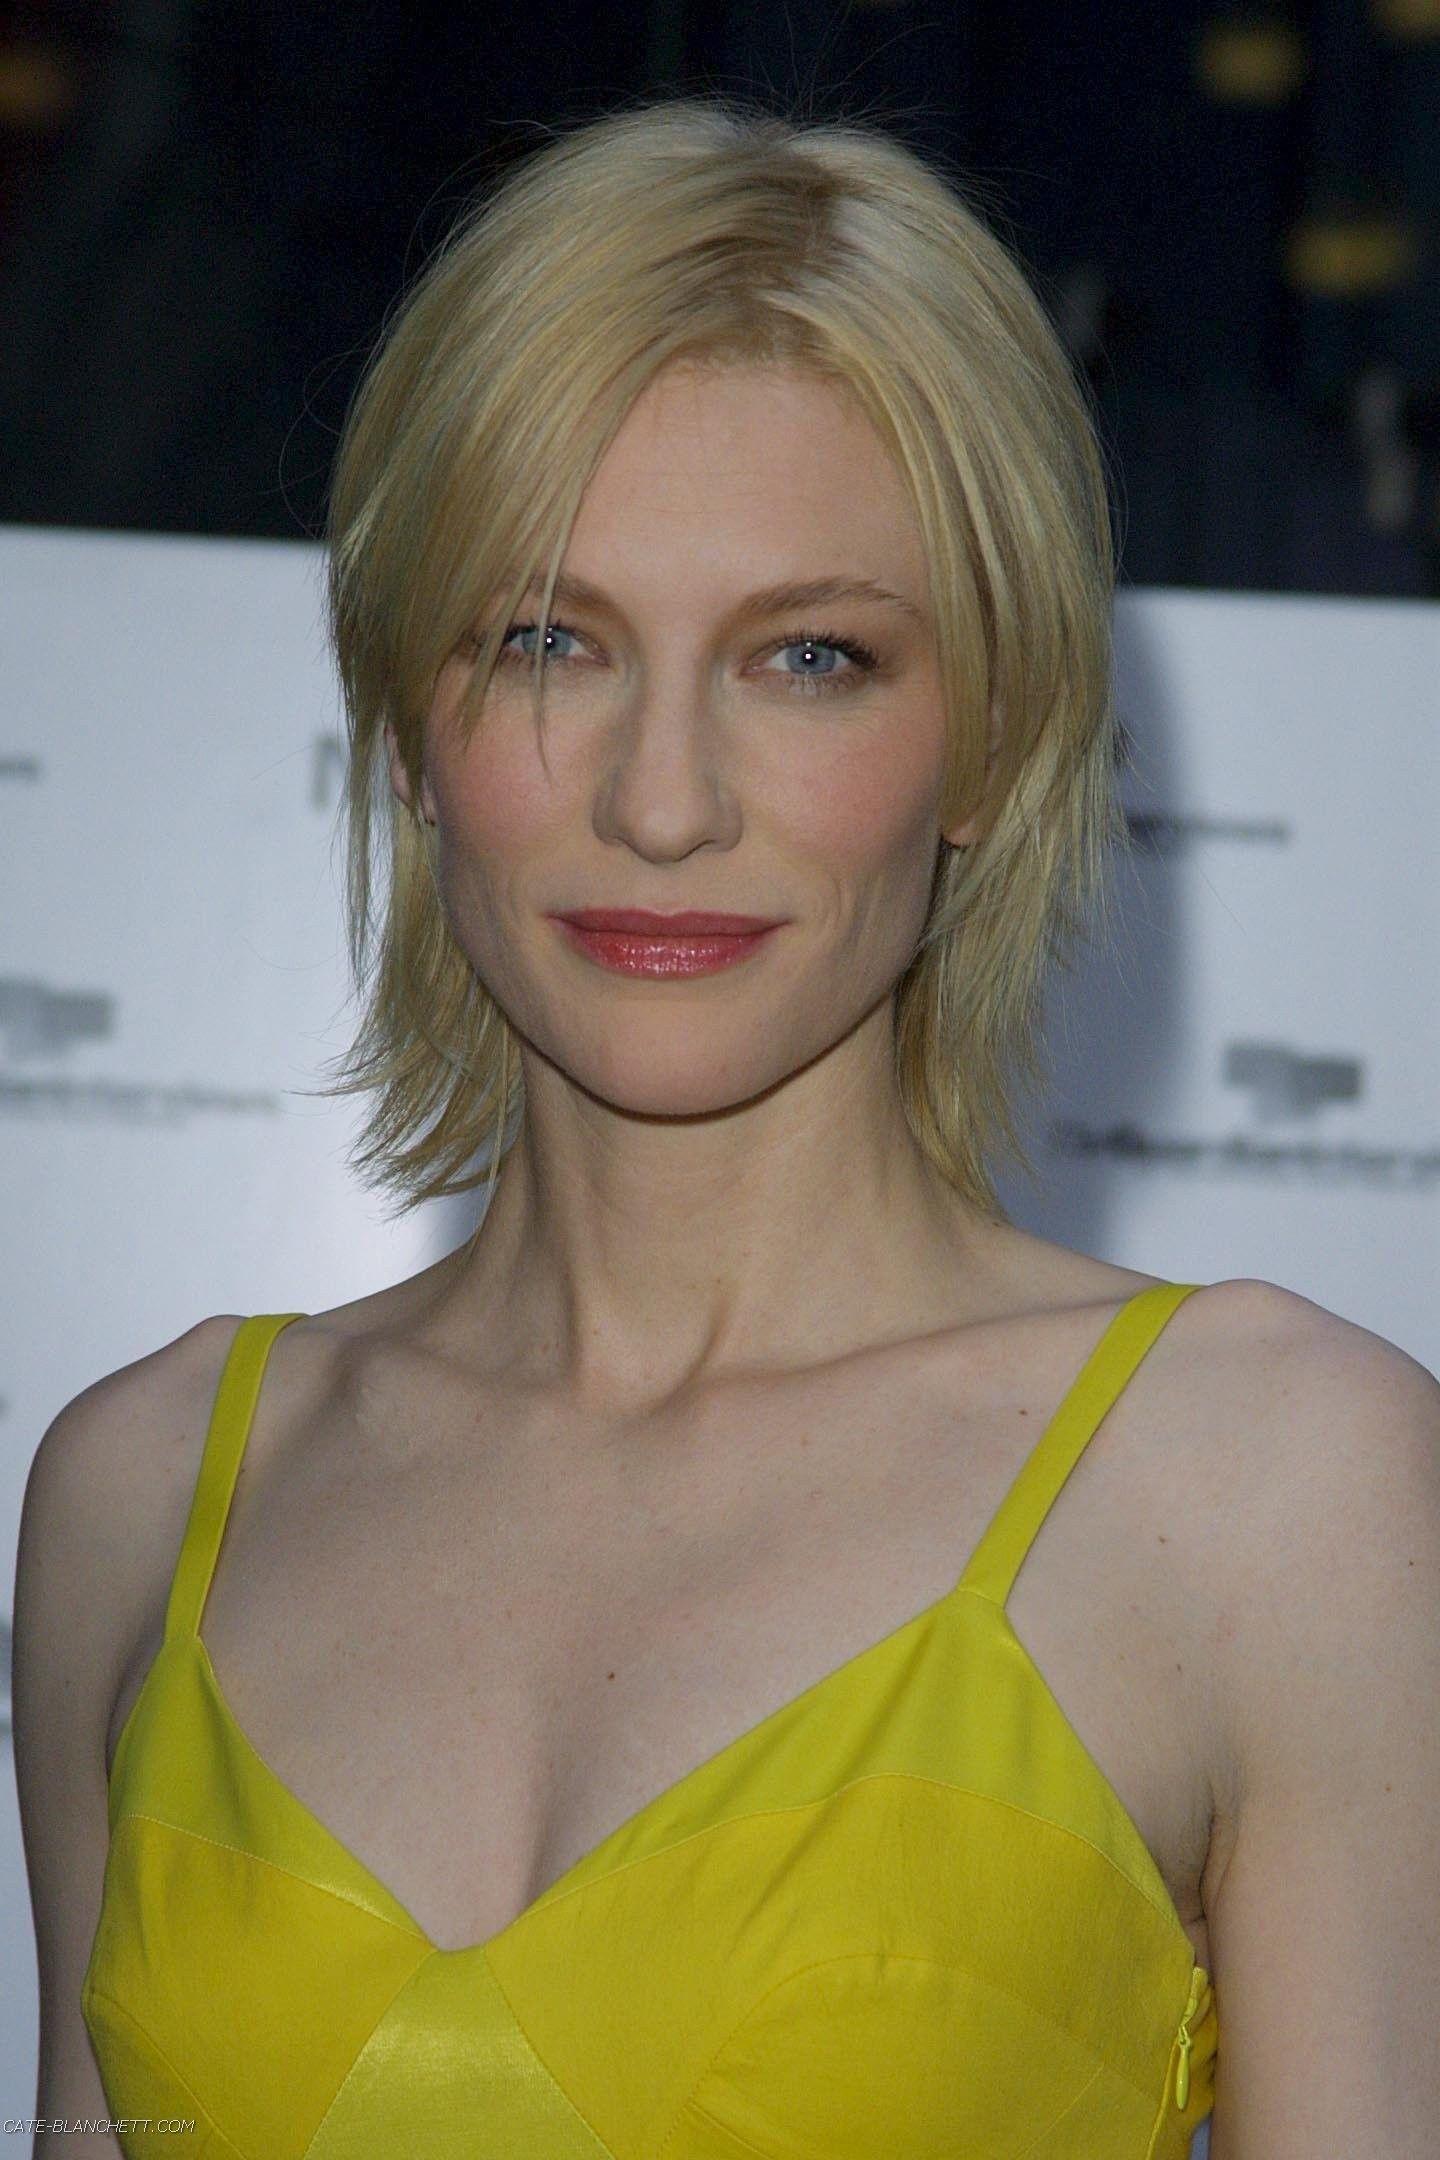 Veronica Guerin Screening in London - July 11th, 2003 - 009 - Cate Blanchett Fan | Cate Blanchett Gallery